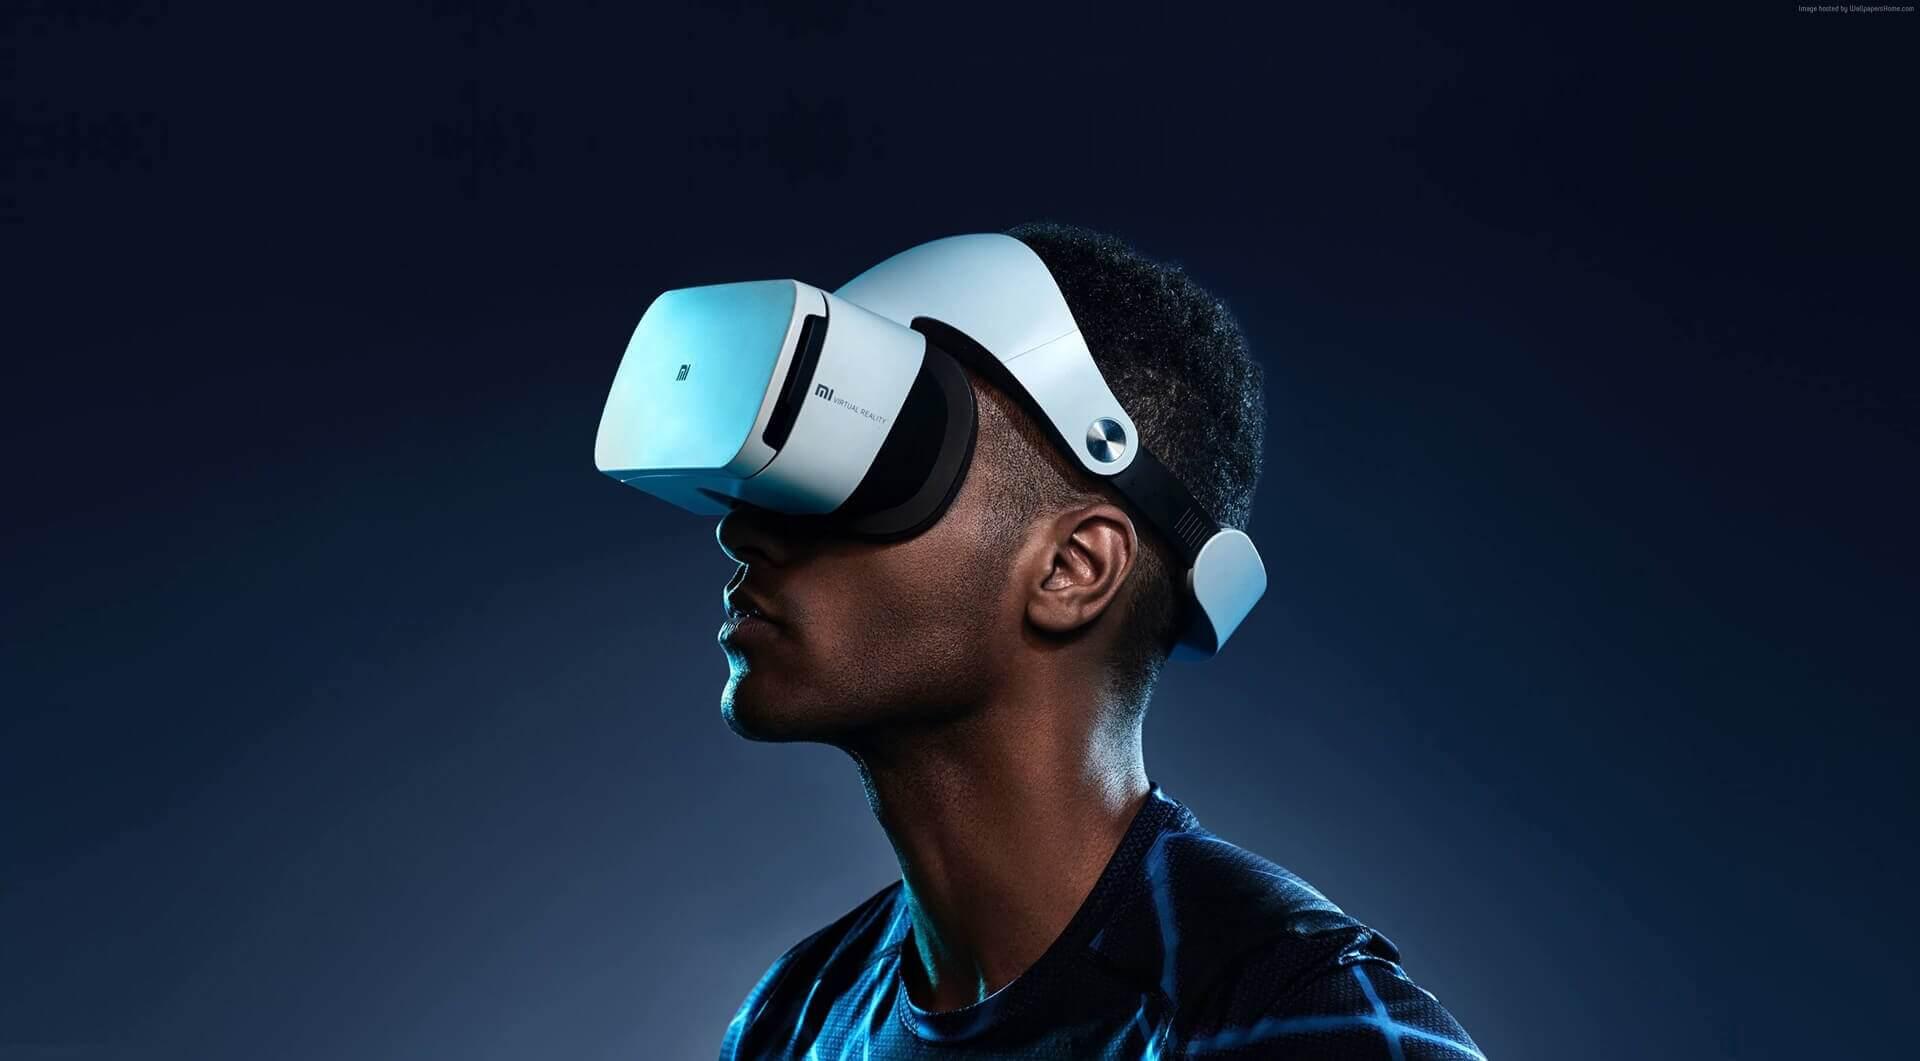 Realidade Virtual e Realidade Aumentada: semelhanças e diferenças